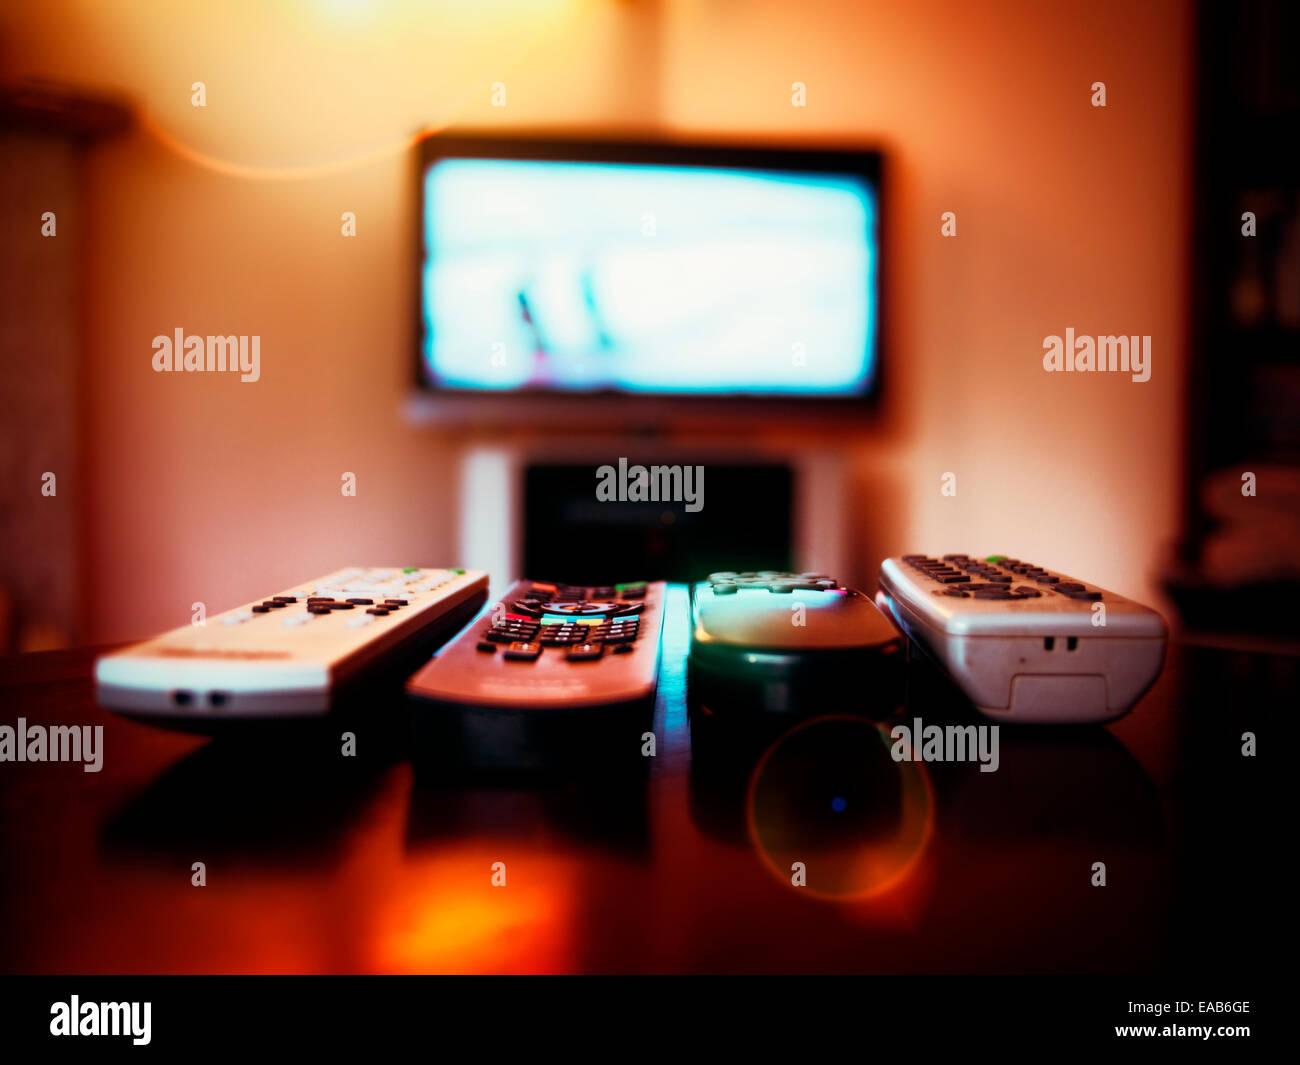 Vier Geräte Fernbedienung und tv Stockbild